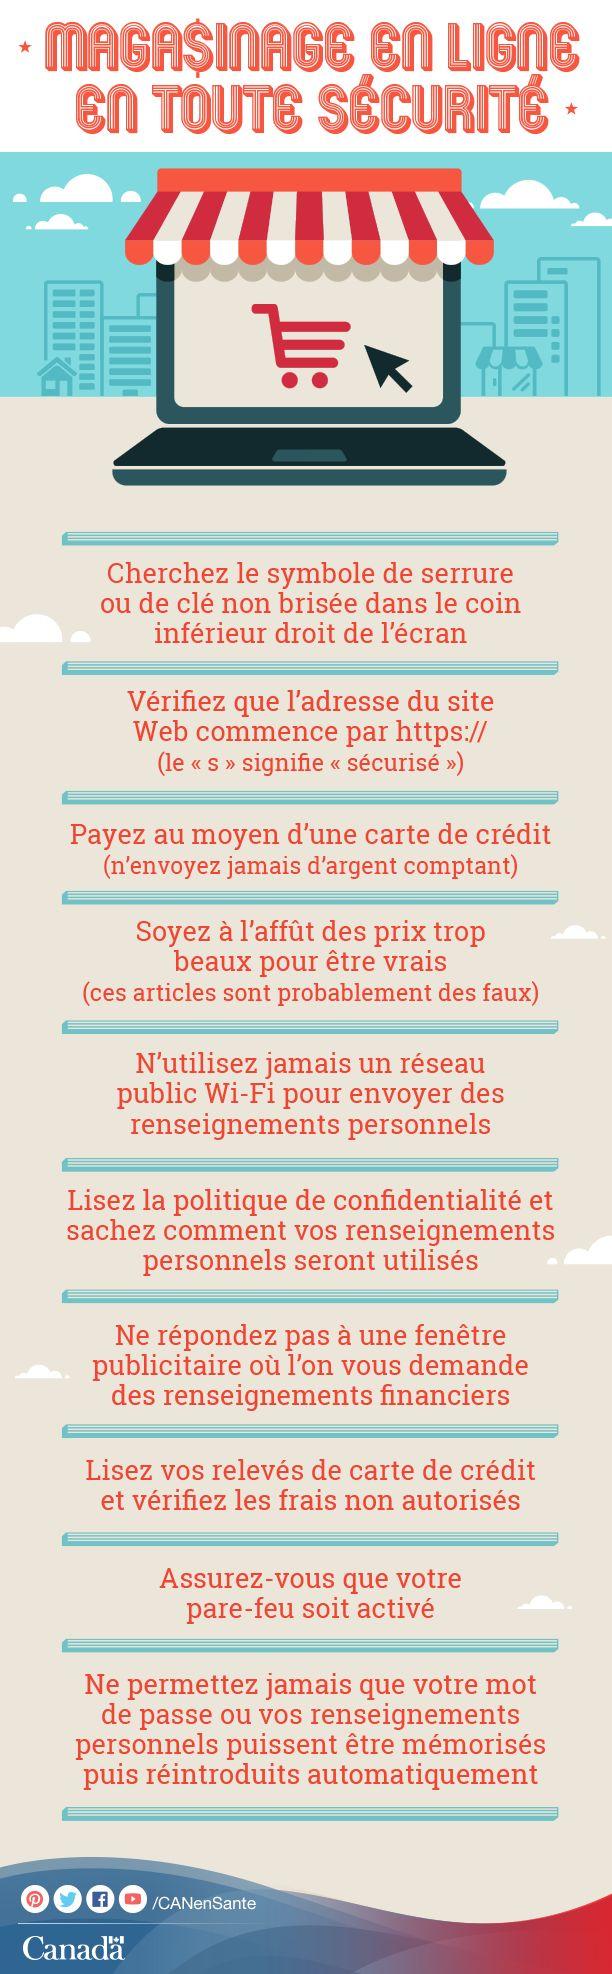 Vous magasinez en ligne? Faites-le en toute sécurité :  http://www.getcybersafe.gc.ca/cnt/prtct-yrslf/prtctn-mn/nln-shpng-fra.aspx?utm_source=pinterest_hcdns&utm_medium=social&utm_content=June19_shop_FR&utm_campaign=social_media_14